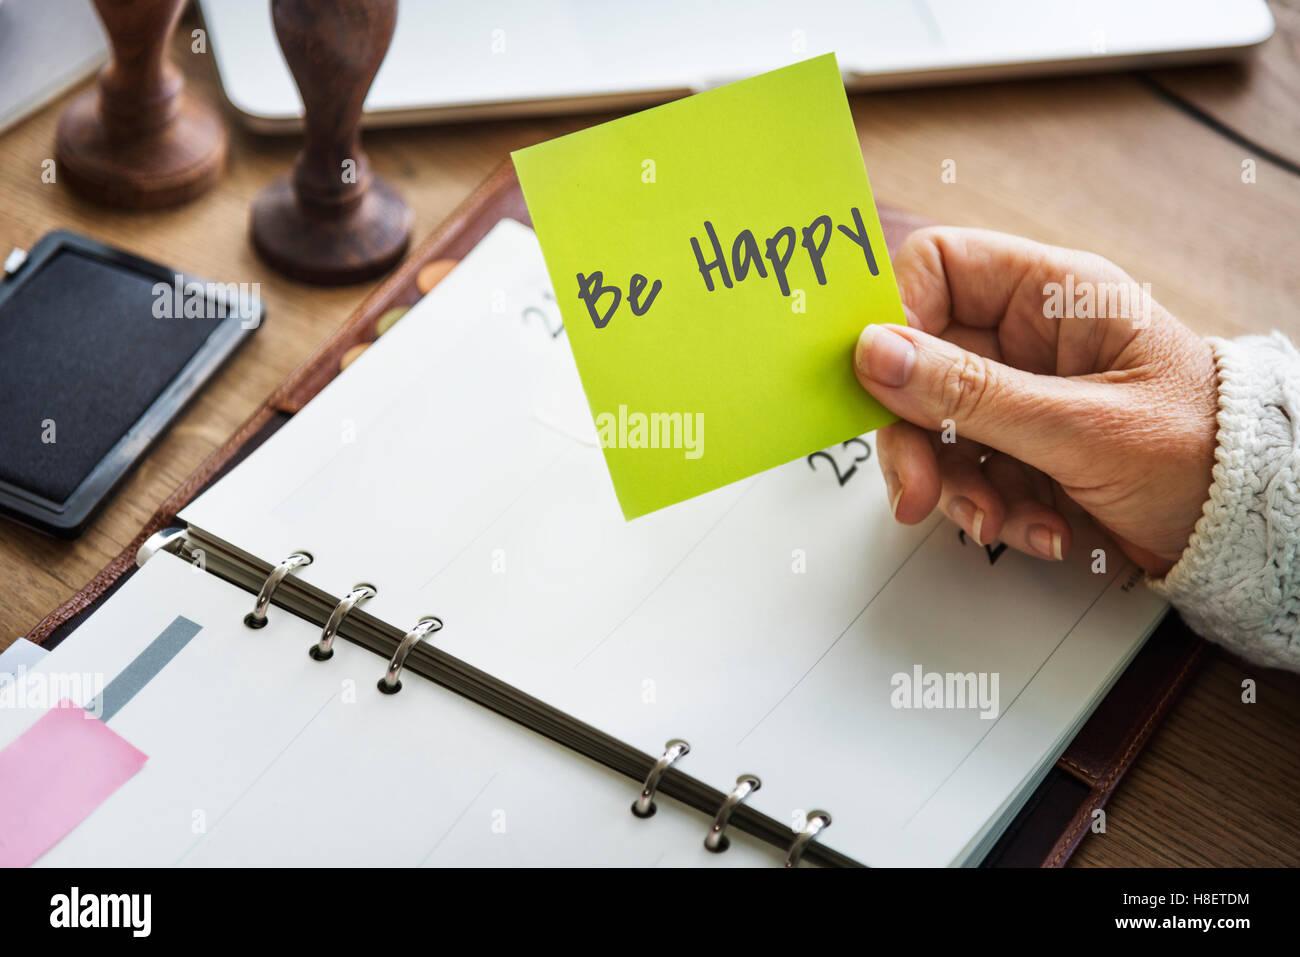 Werden Sie glücklich freudigen Genuss-verspieltes Glück-Lifestyle-Konzept Stockbild